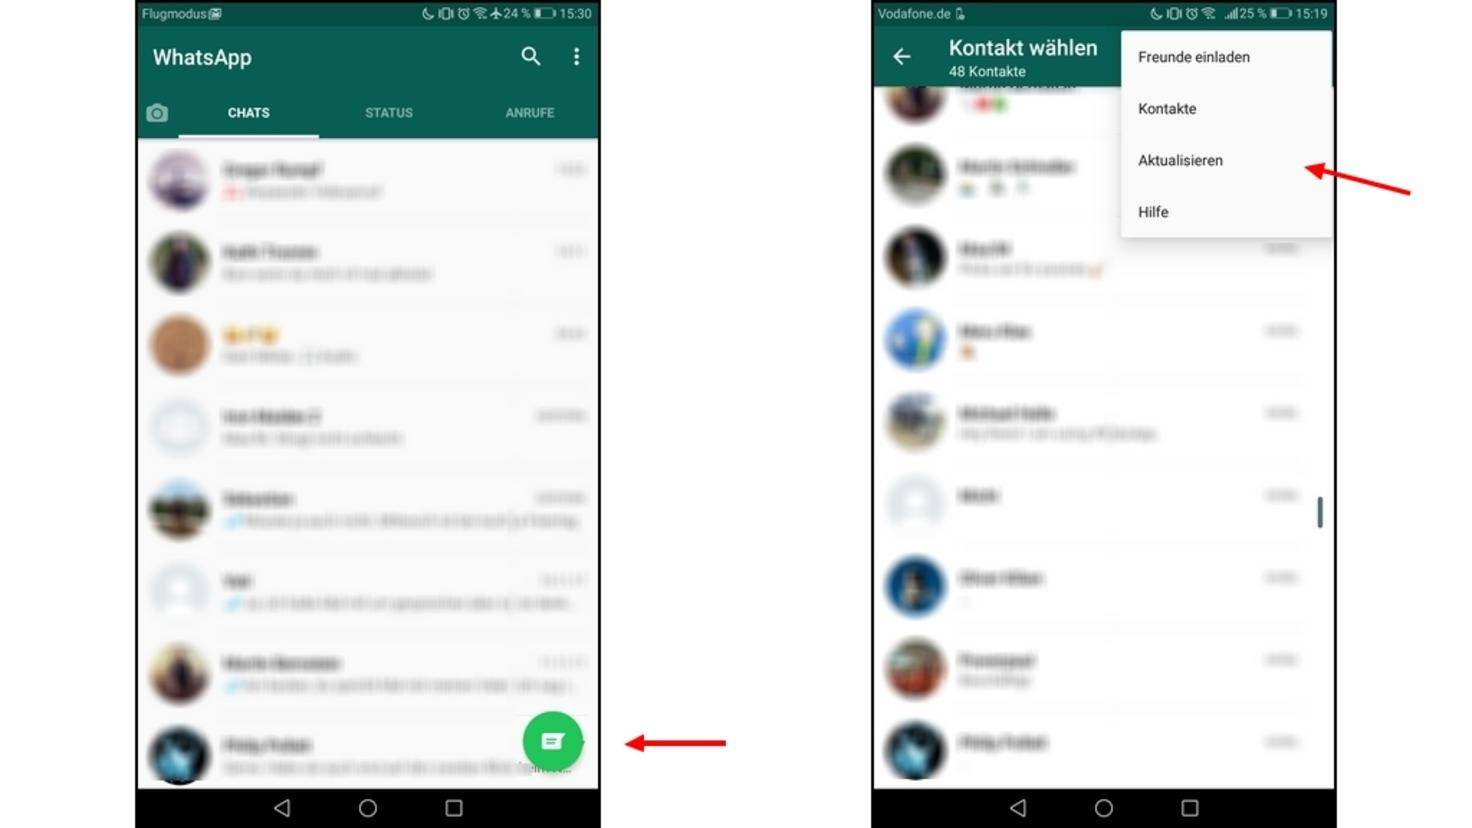 Whatsapp Kontakt Weiterleiten